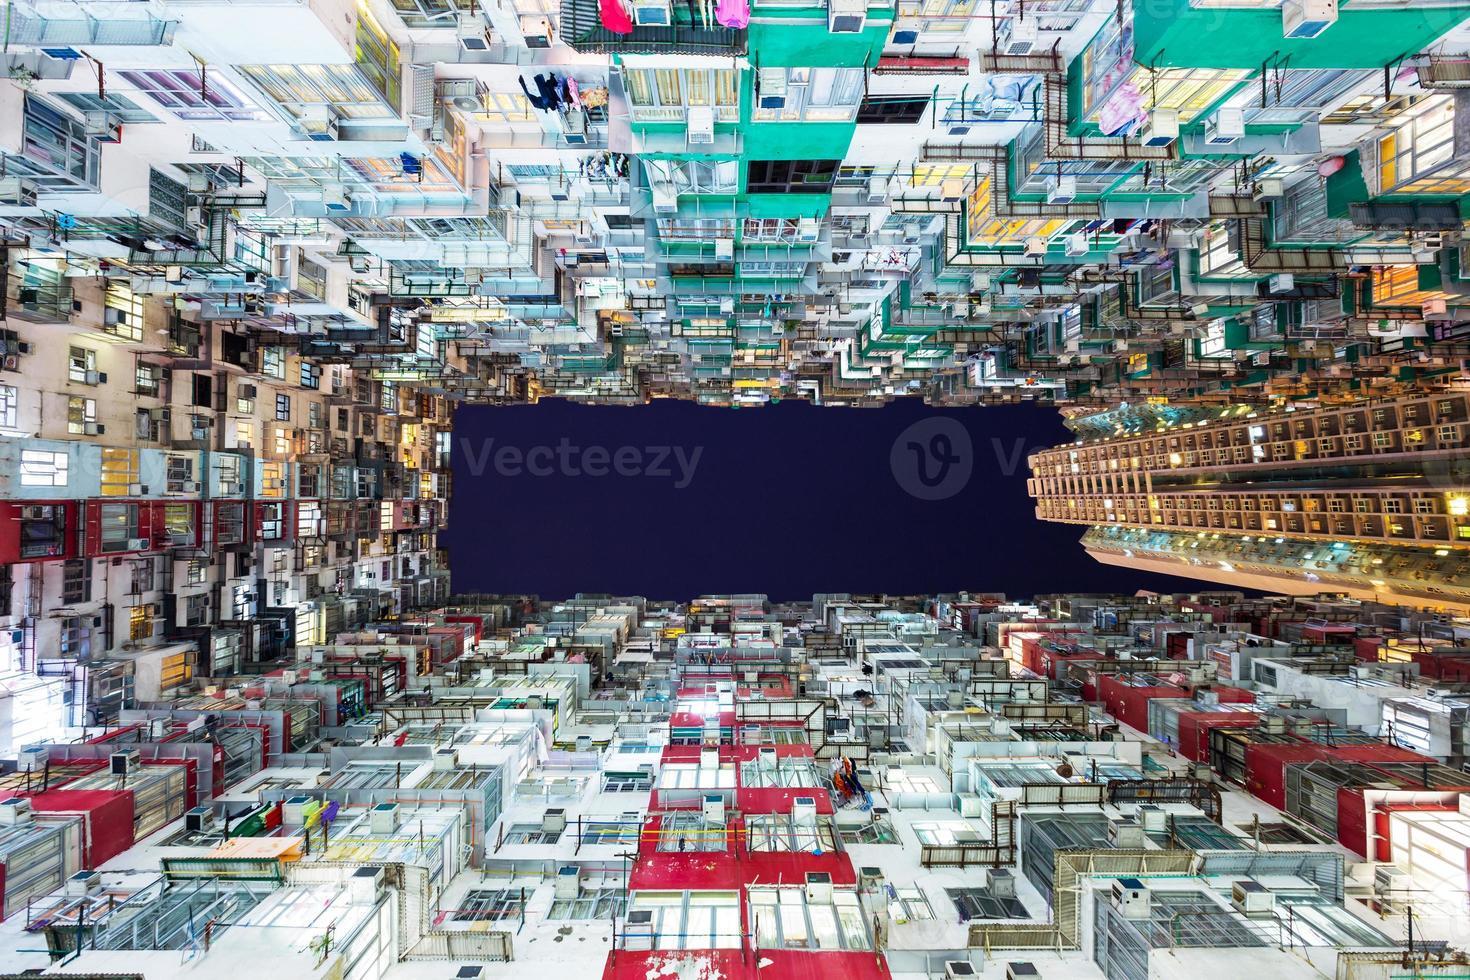 überfülltes Wohngebäude in Hongkong foto